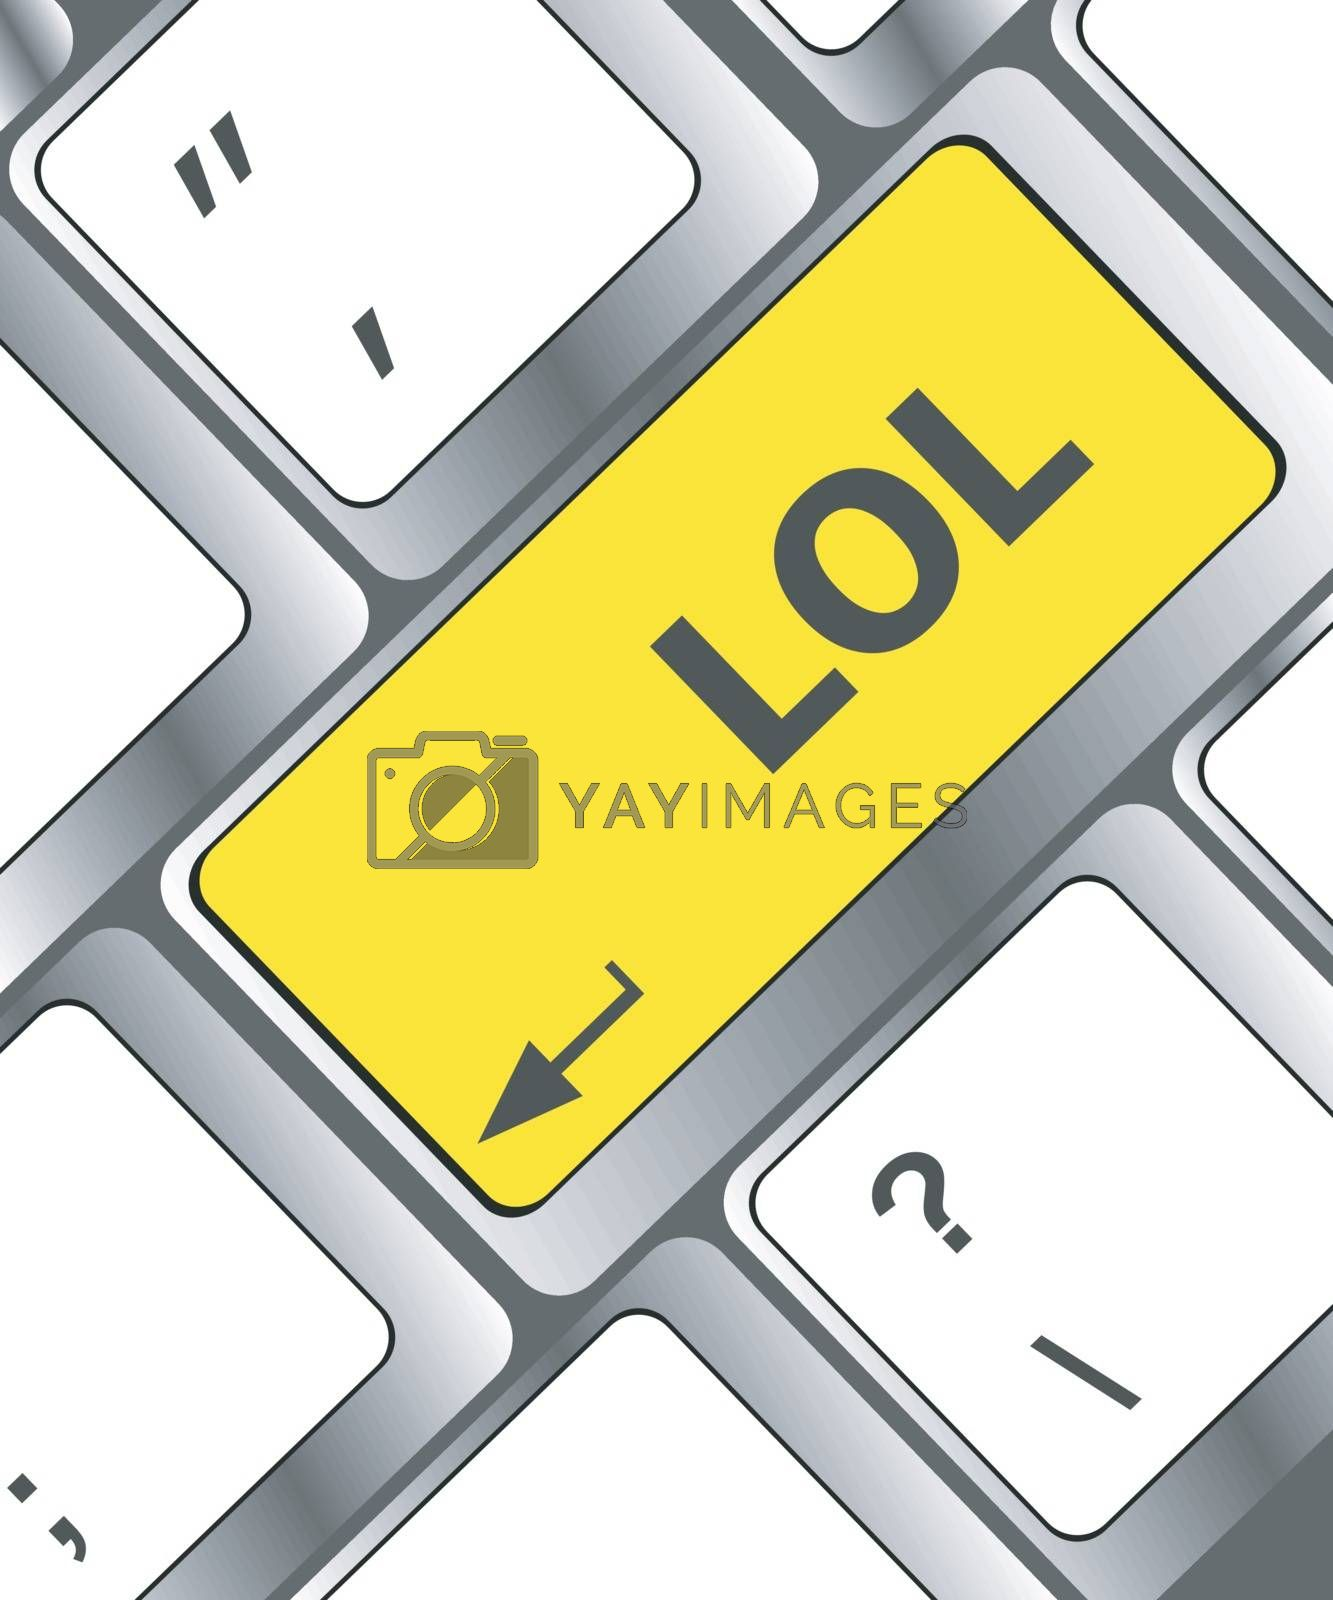 keys saying lol on black keyboard